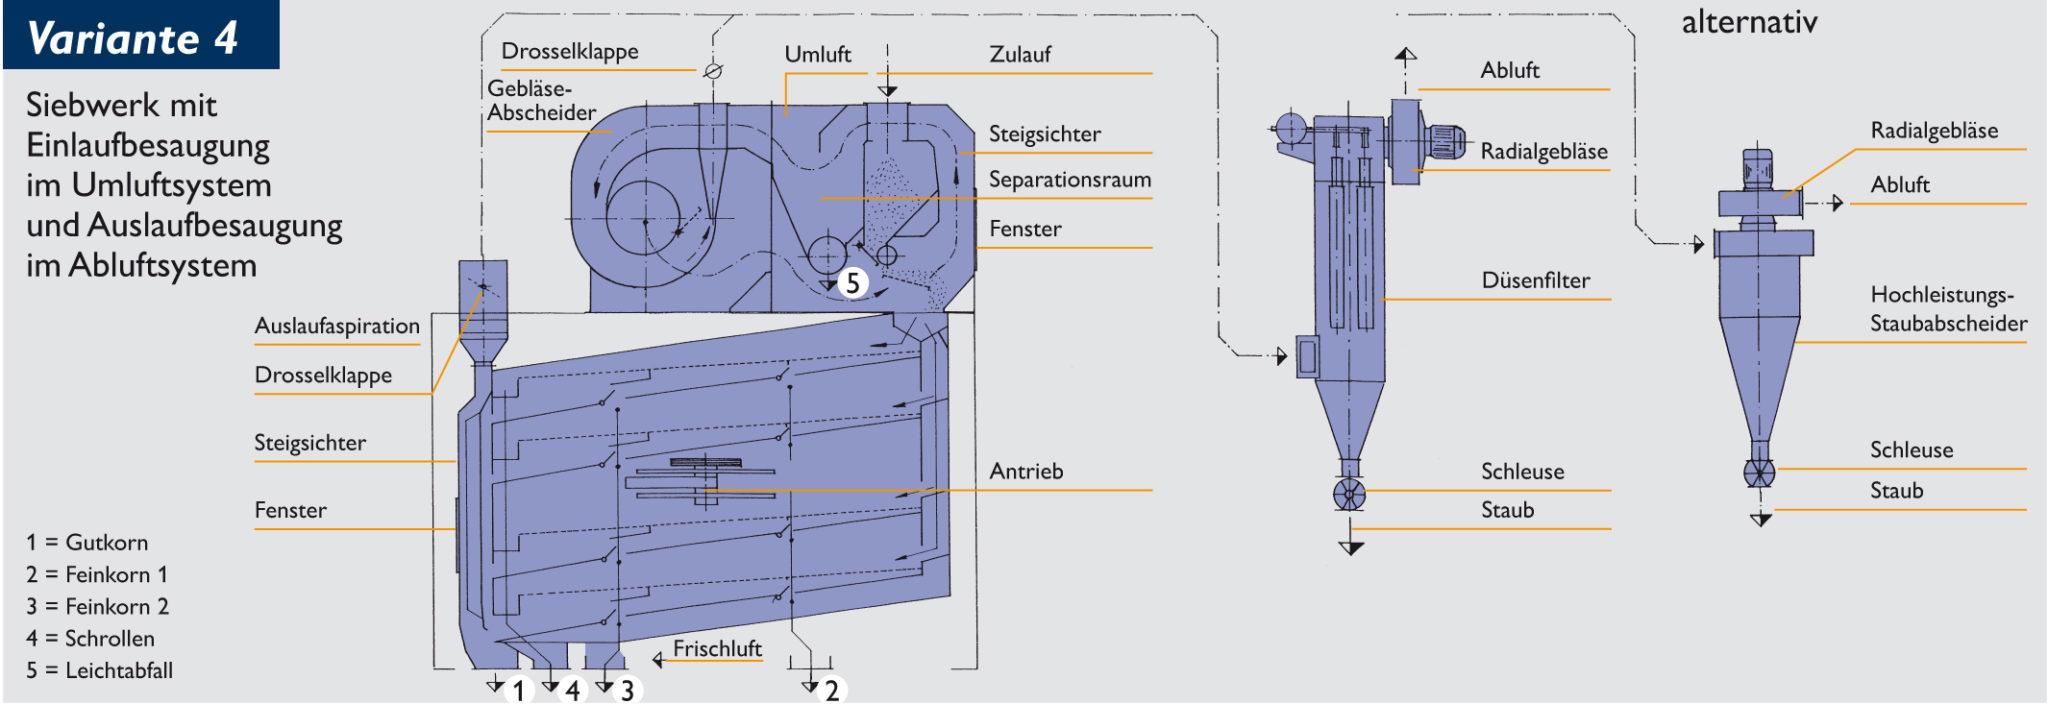 Siebwerk mit Einlaufaspiration im Umluftsystem und Auslaufaspiration im Abluftsystem